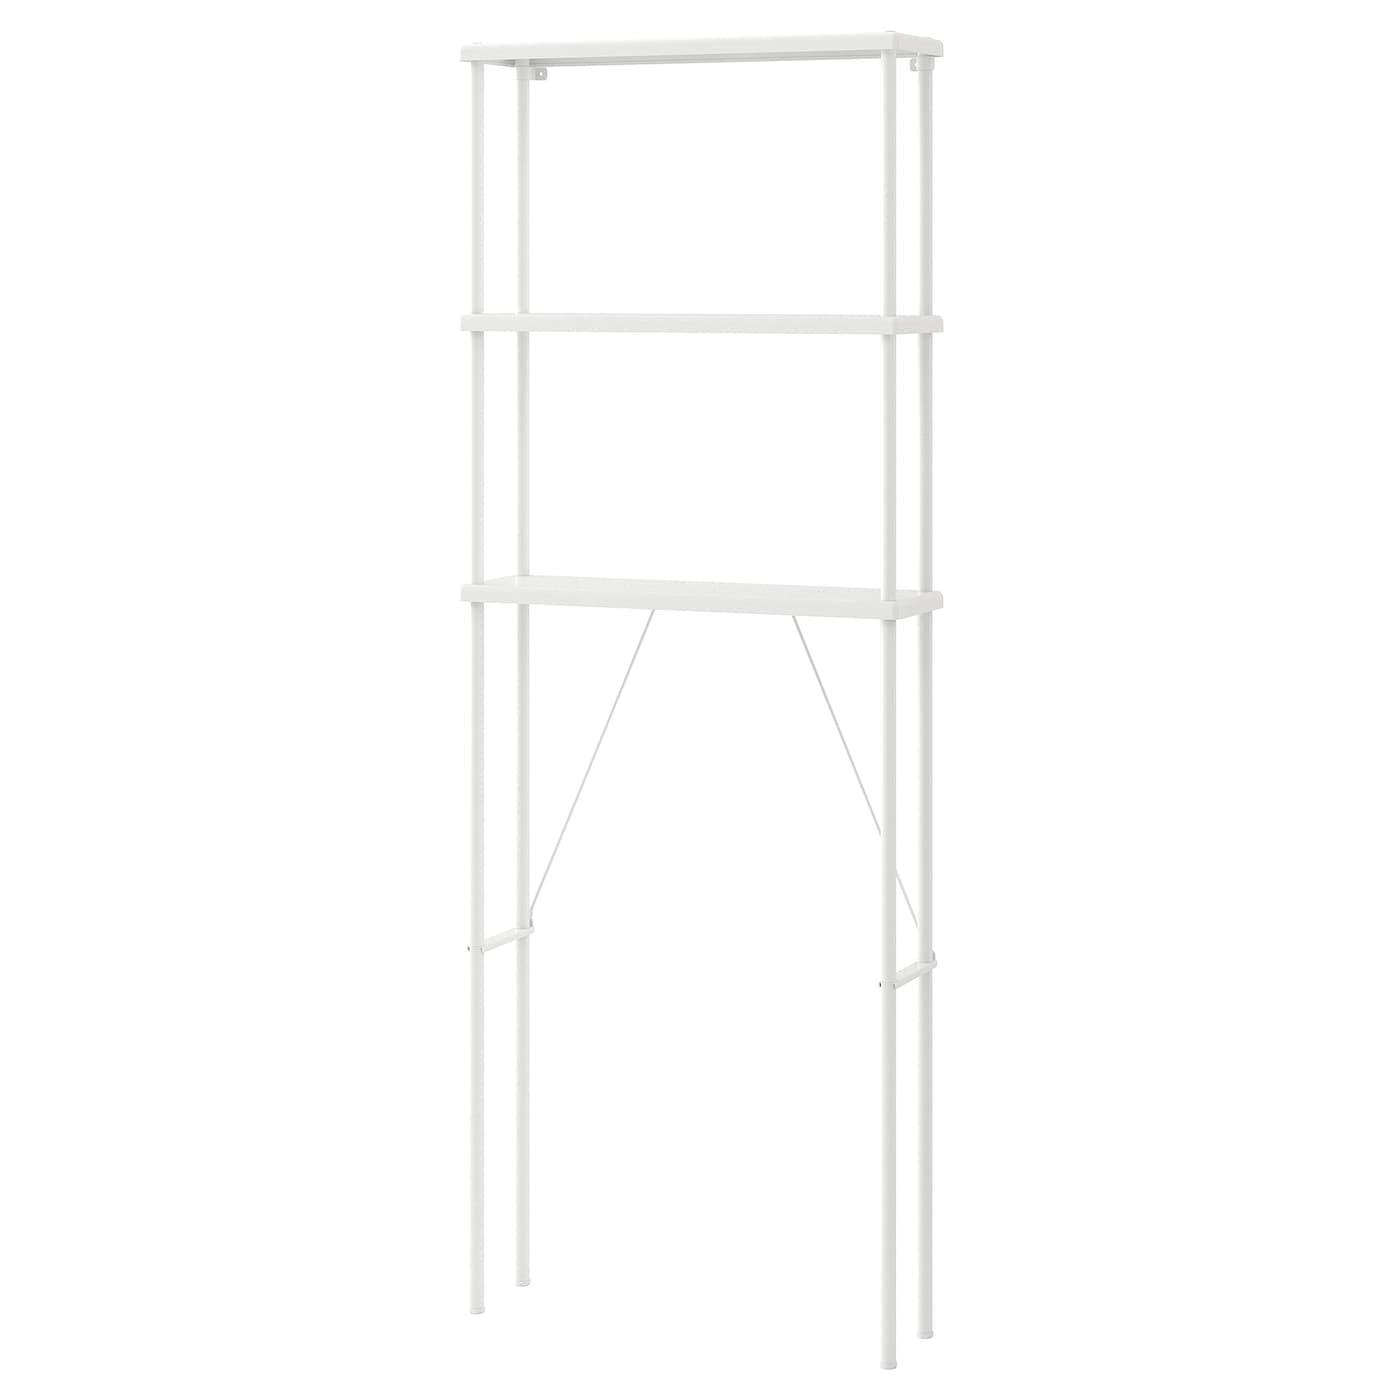 IKEA DYNAN biały regał do łazienki, 70x20x189 cm